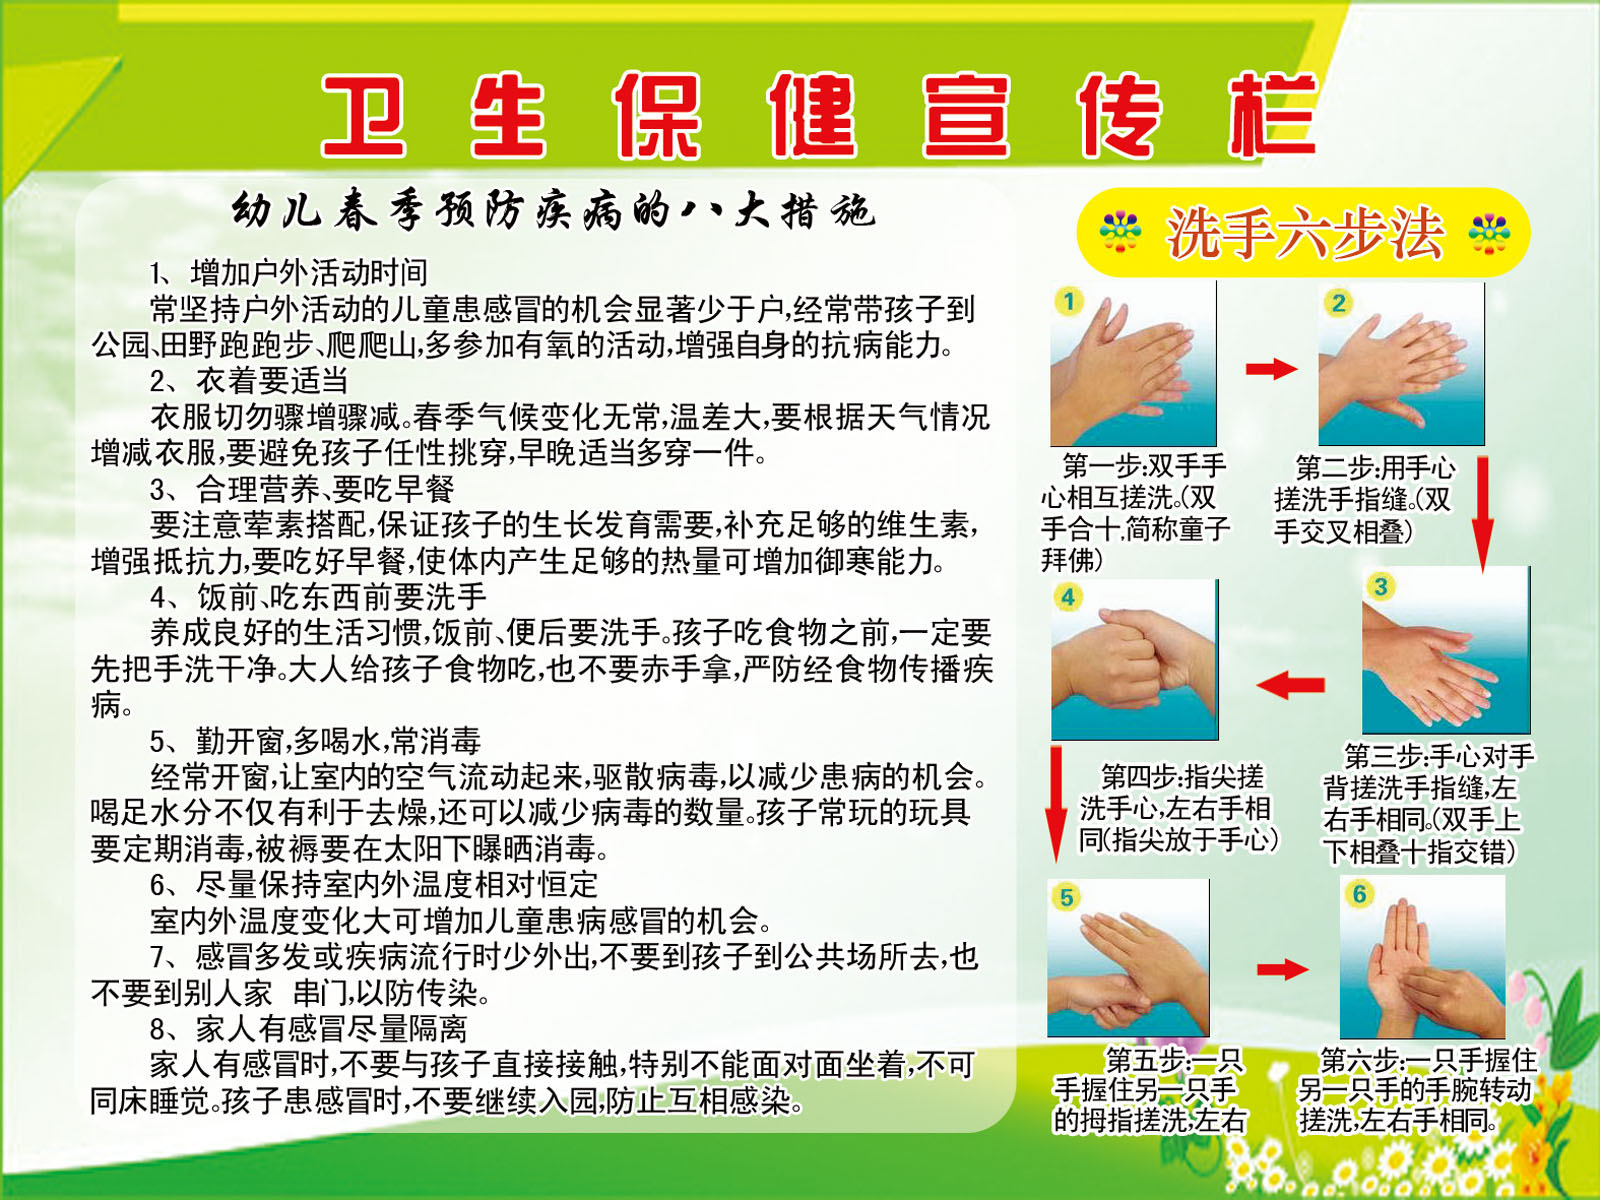 644画布海报展板喷绘素材贴纸551幼儿园卫生保健知识宣传